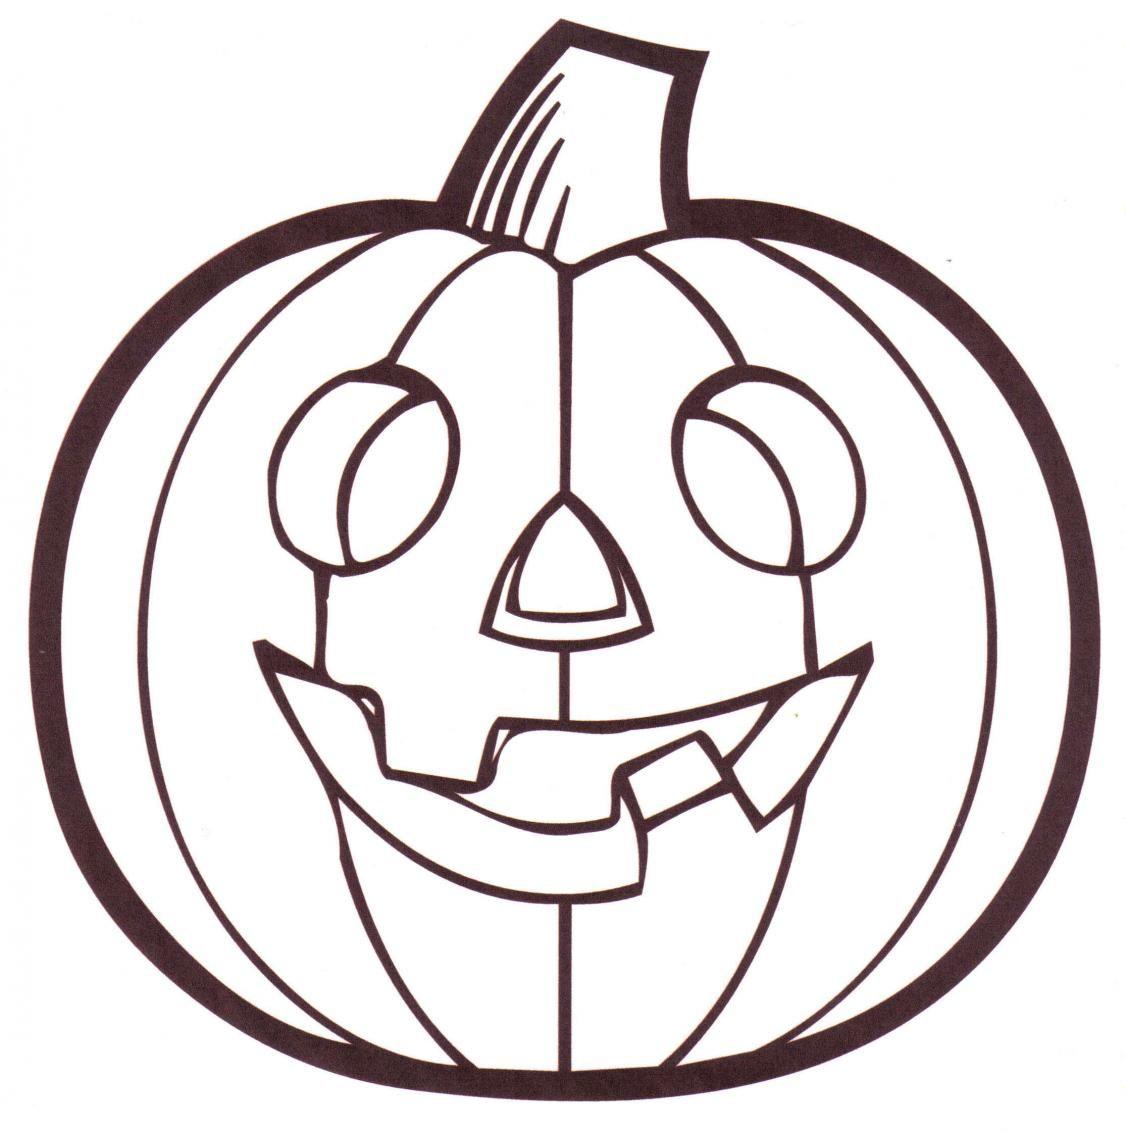 Coloriage Citrouille Pour Halloween A Imprimer Riguarda Dessin De Citrouille A Imprimer Halloween Coloring Sheets Pumpkin Coloring Pages Pumpkin Coloring Sheet